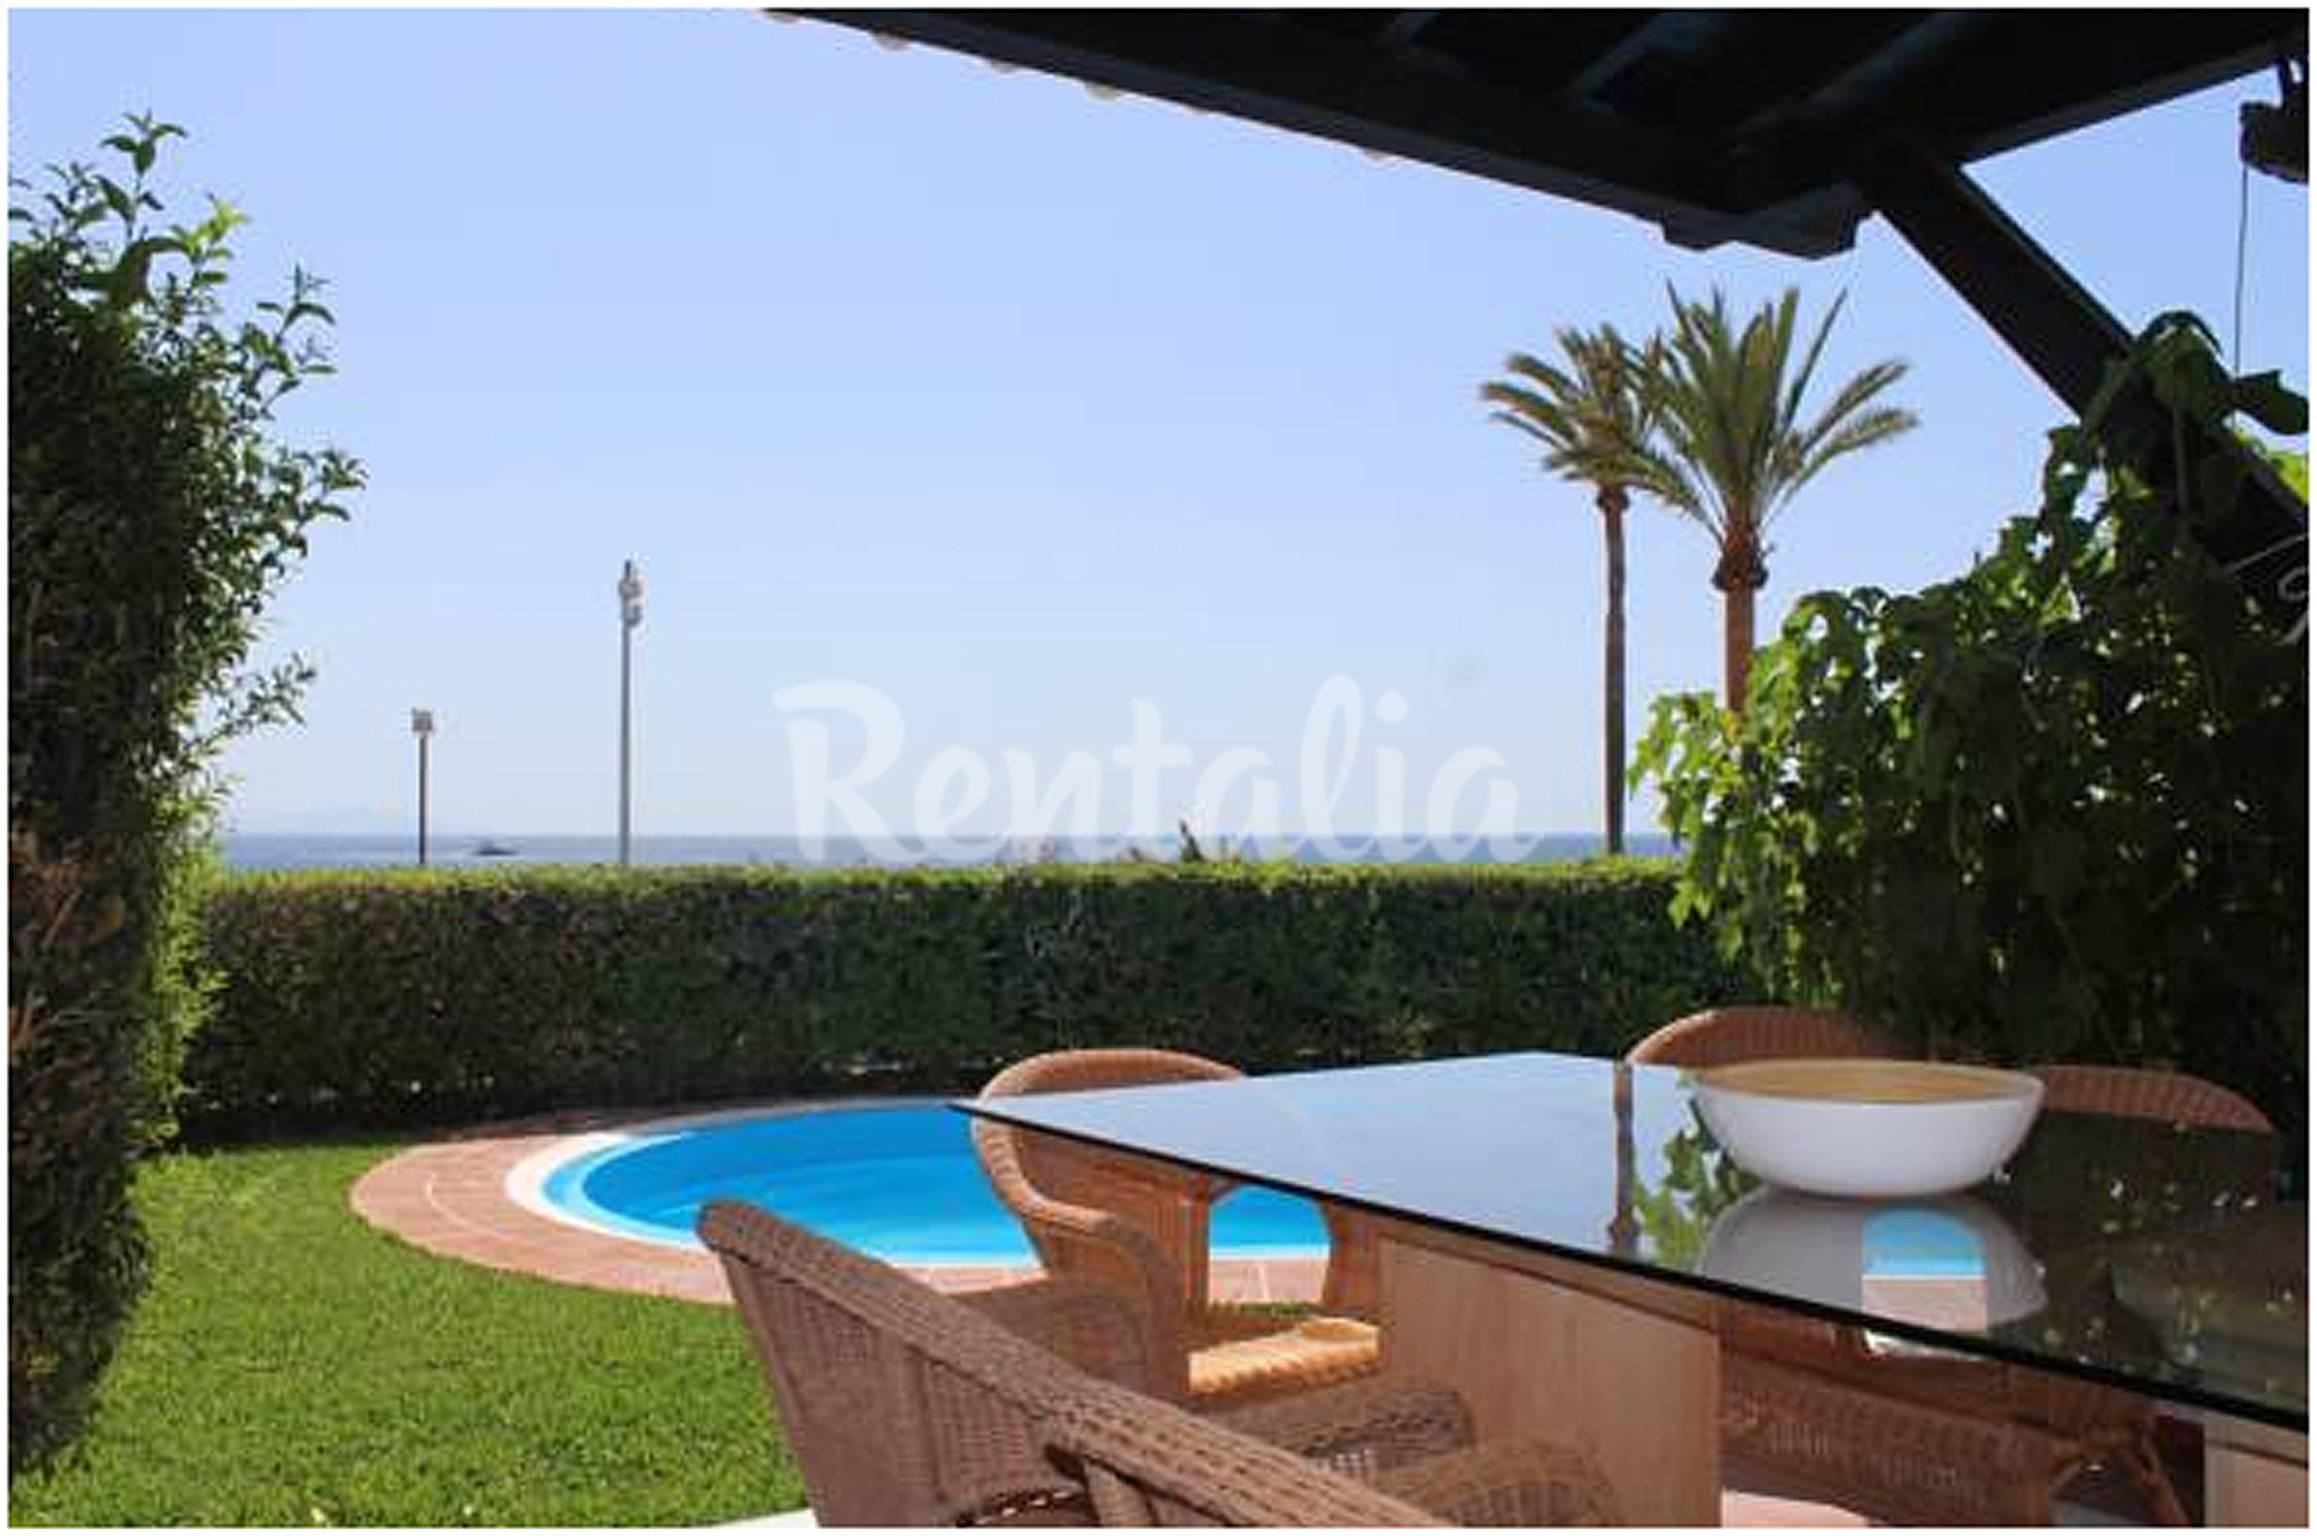 Marina villages 3 dormitorios piscina privada la for Piscina publica alhendin granada